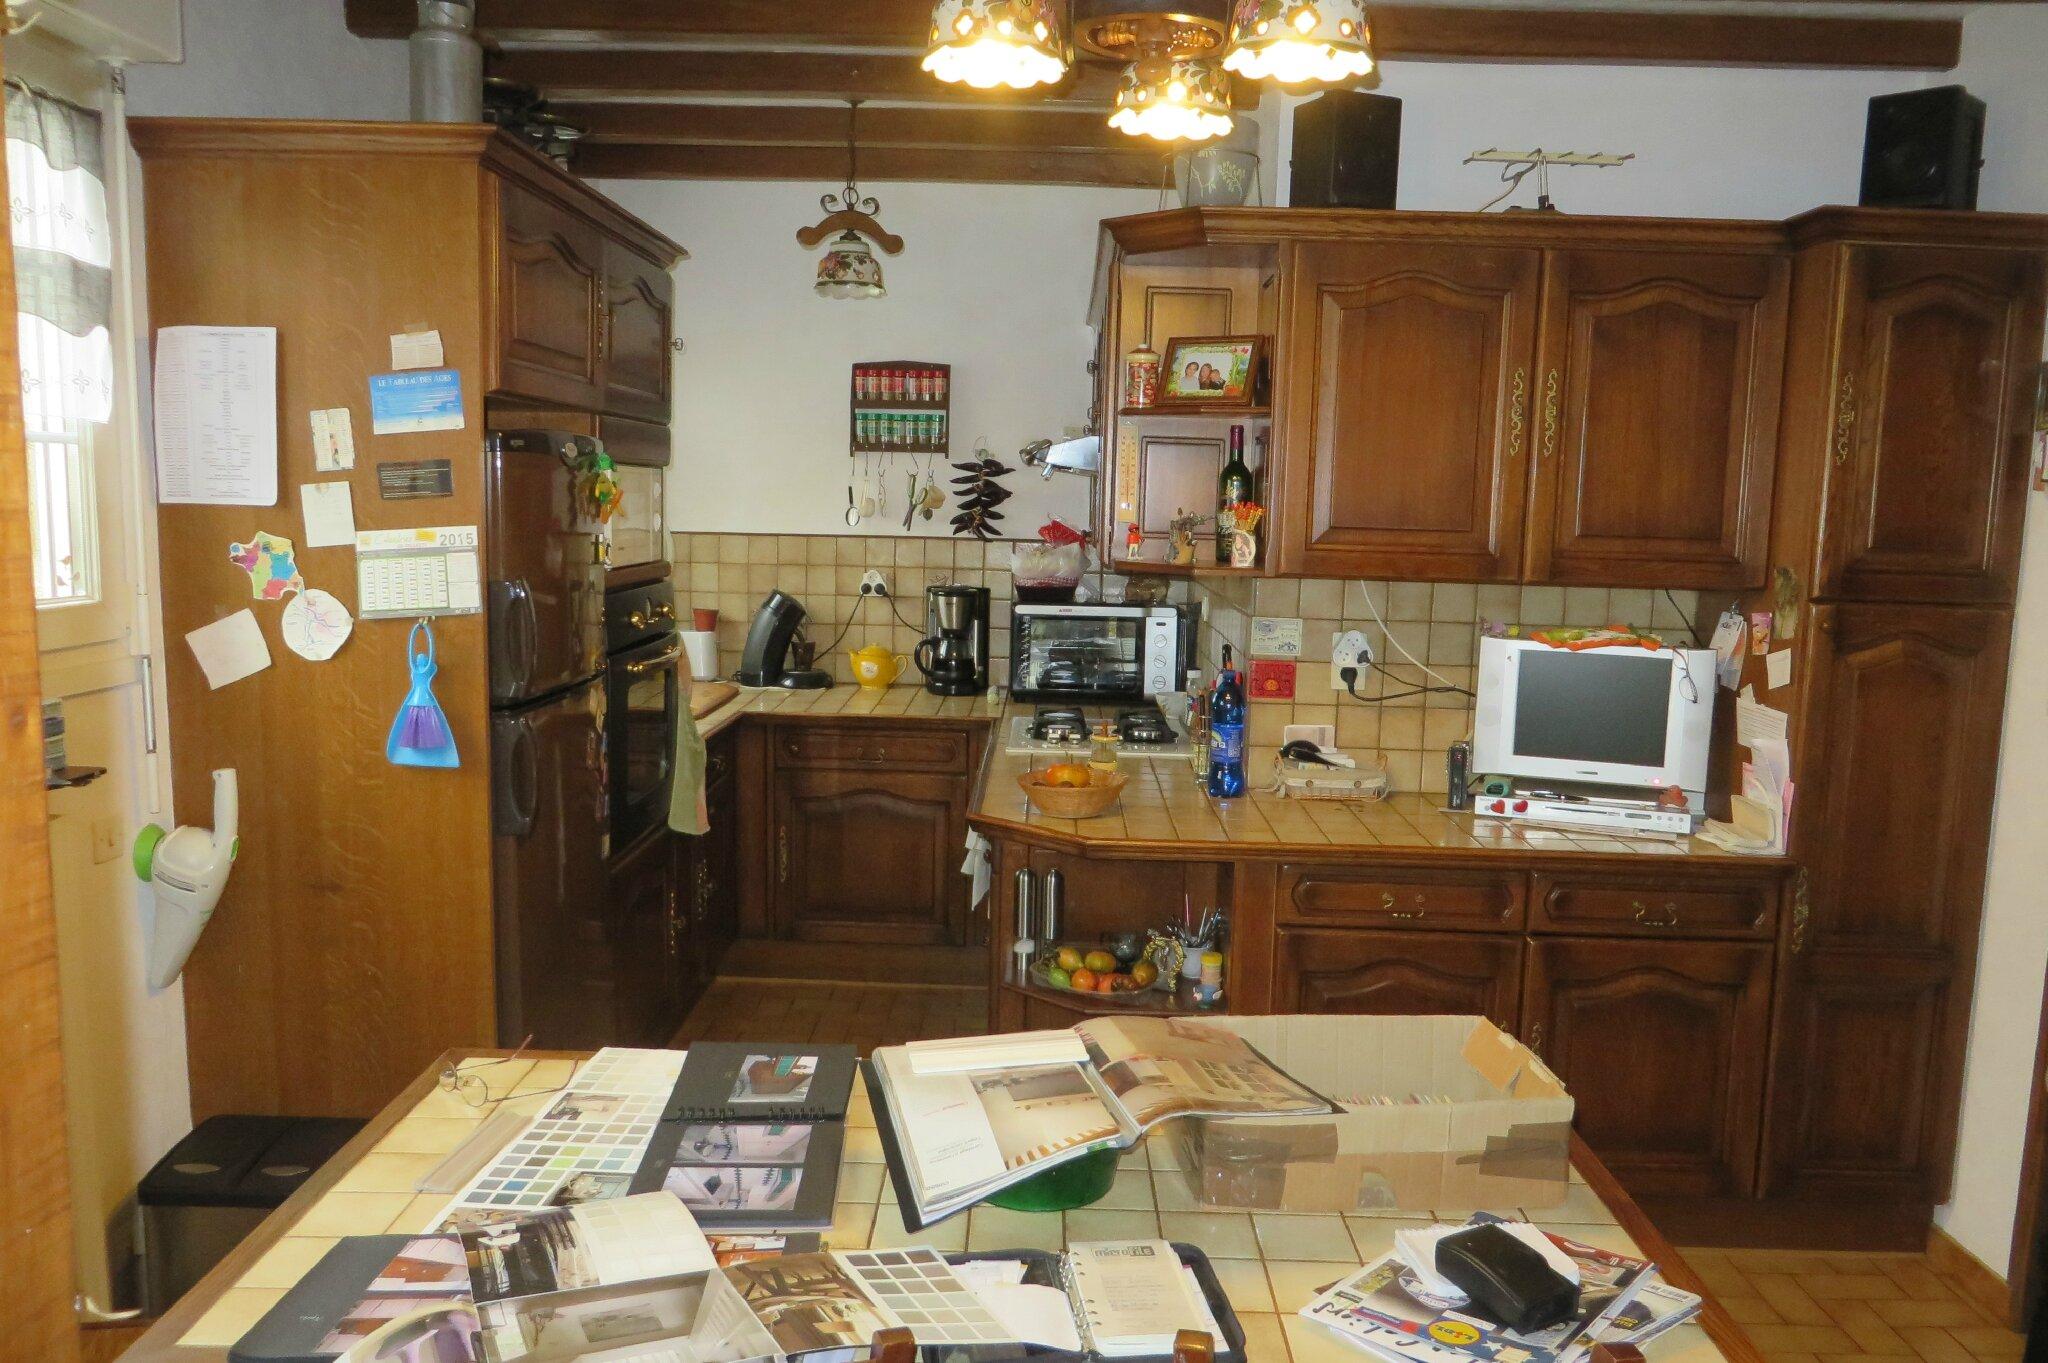 Tendance peinture et patine for Decoration interieur style atelier